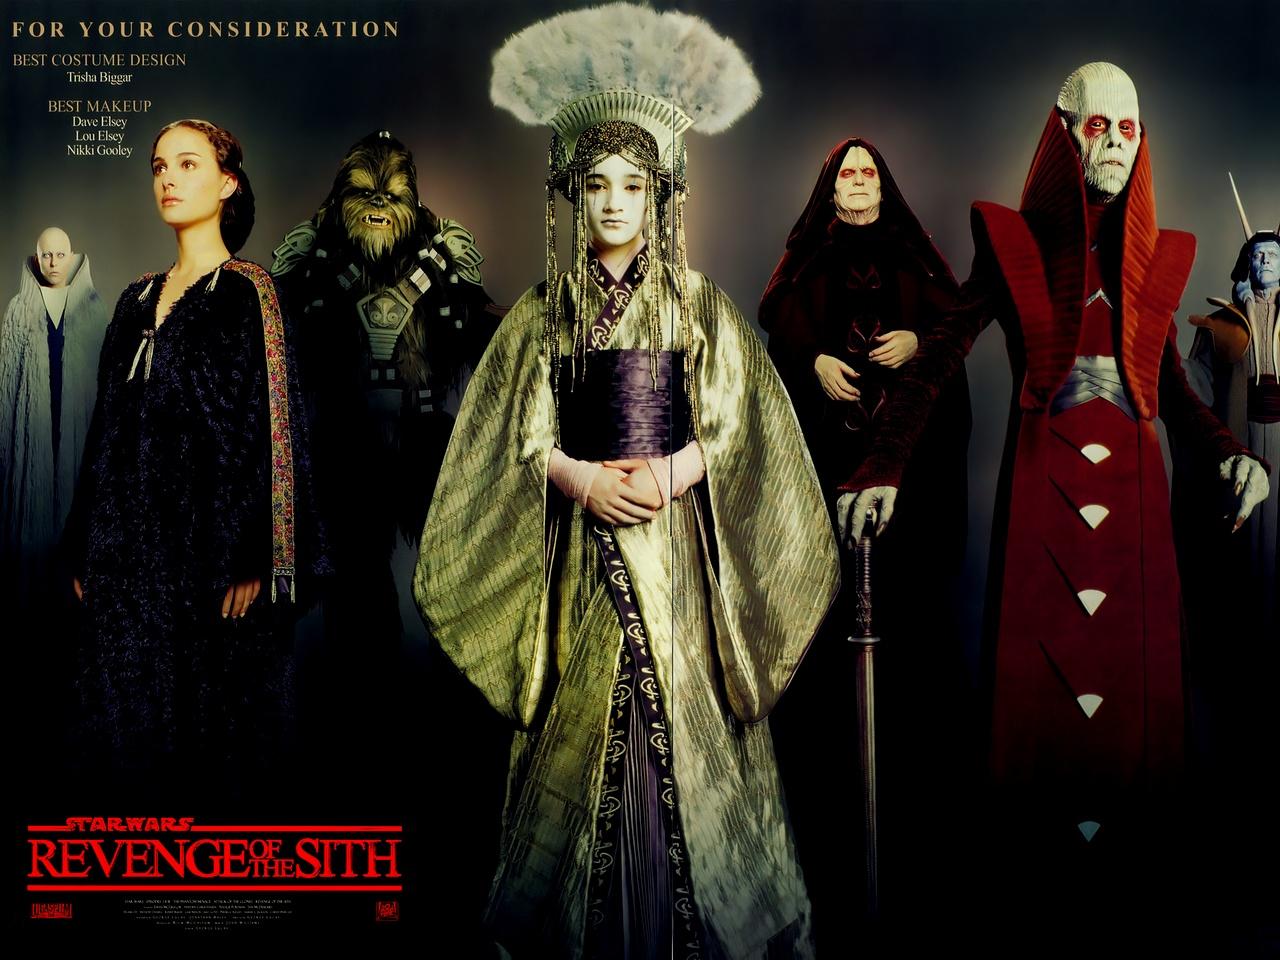 Revenge of the Sith (Ep. III) wallpaper